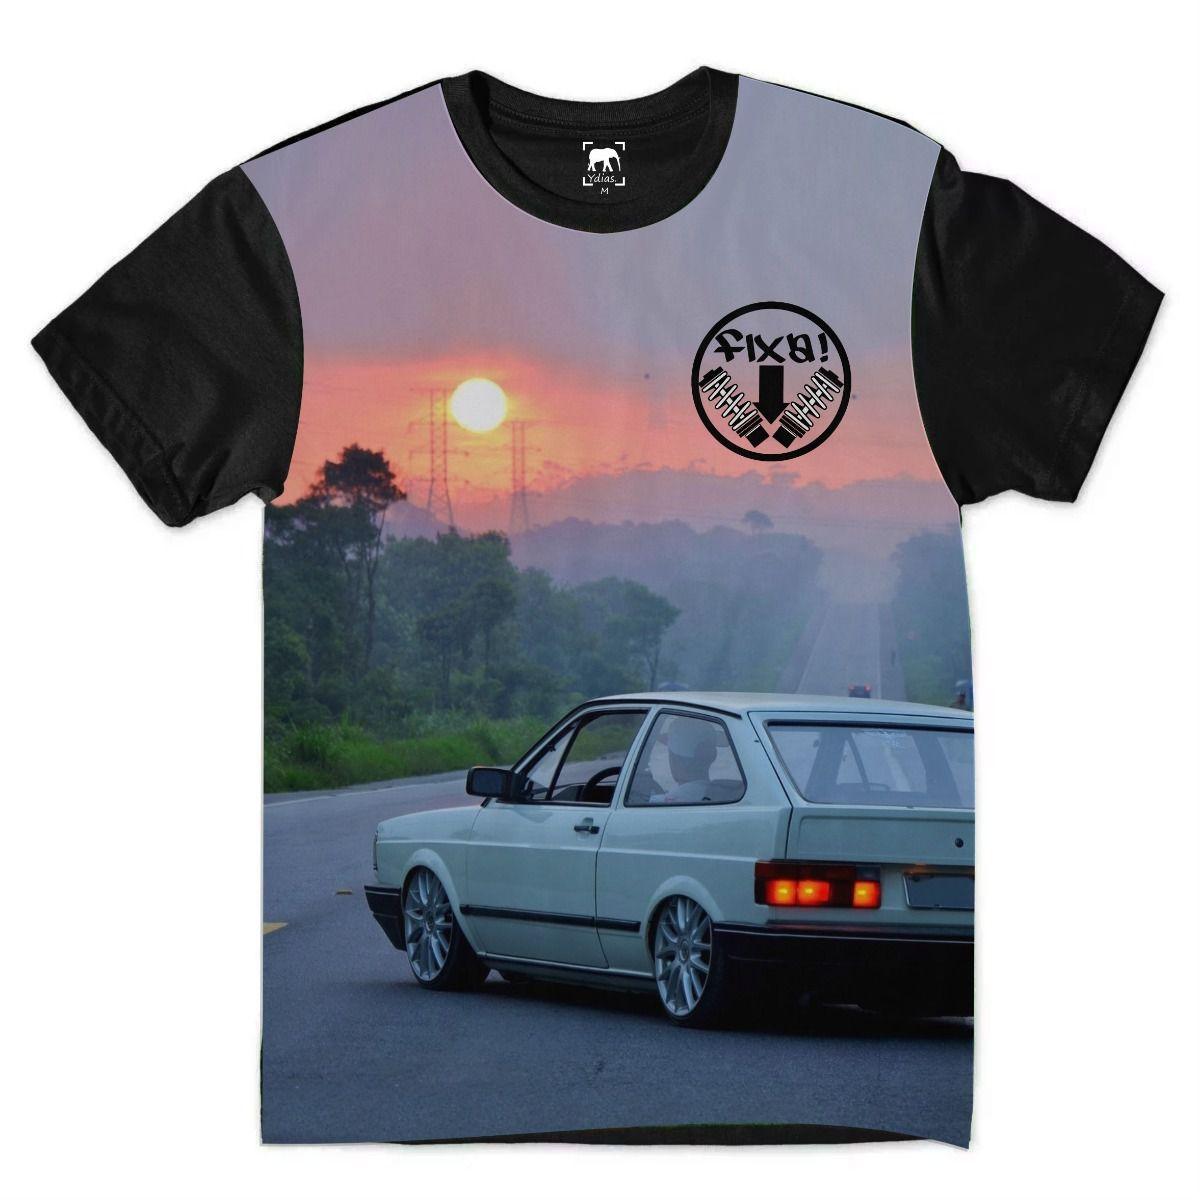 Camiseta Gol Quadrado Carro Rebaixado Sunset Fixa Chora Boy